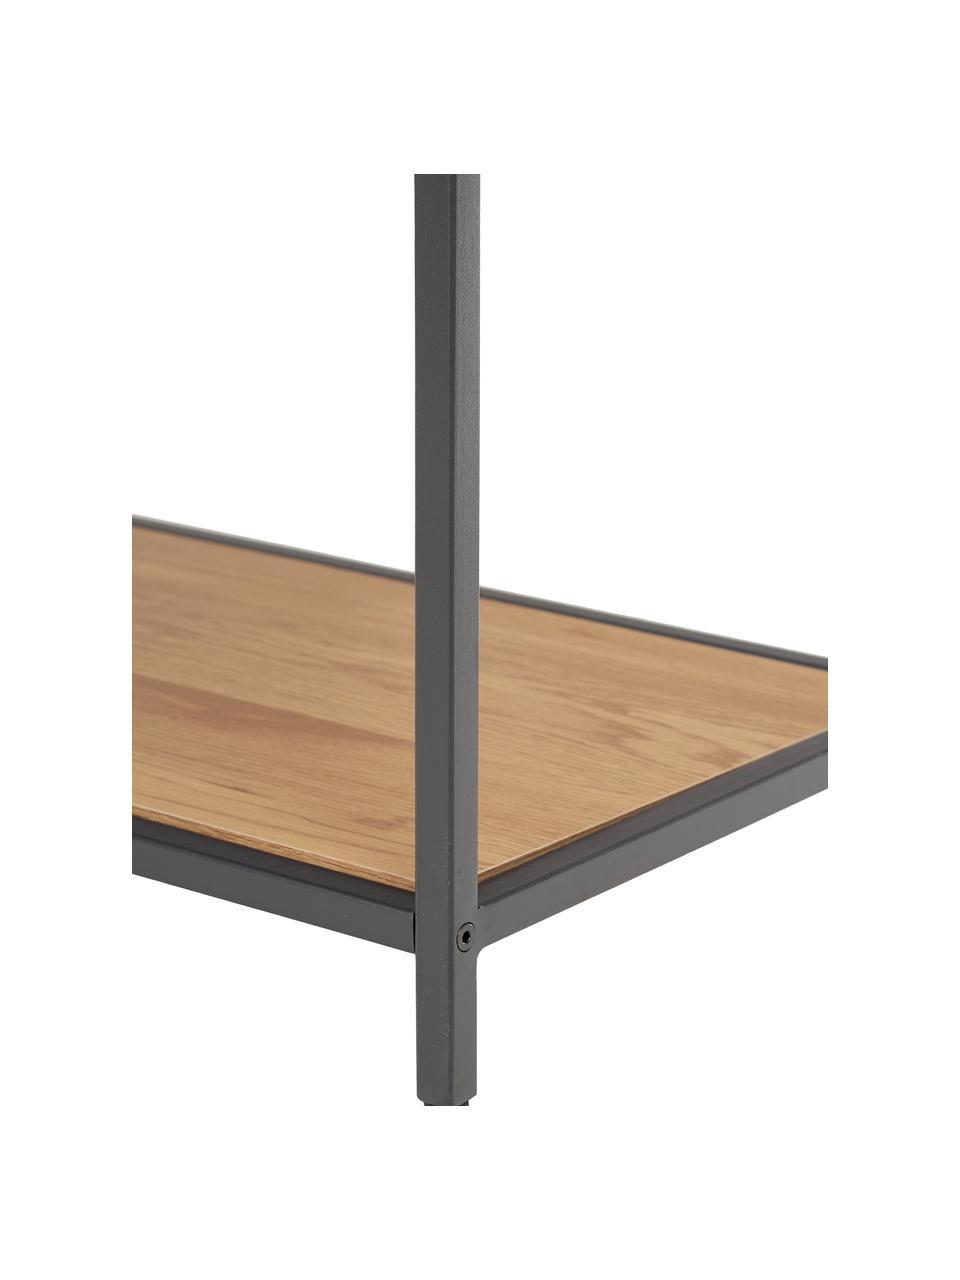 Hoge wandrek Seaford van hout en metaal, Frame: gepoedercoat metaal, Zwart, wild eikenhout, 77 x 185 cm